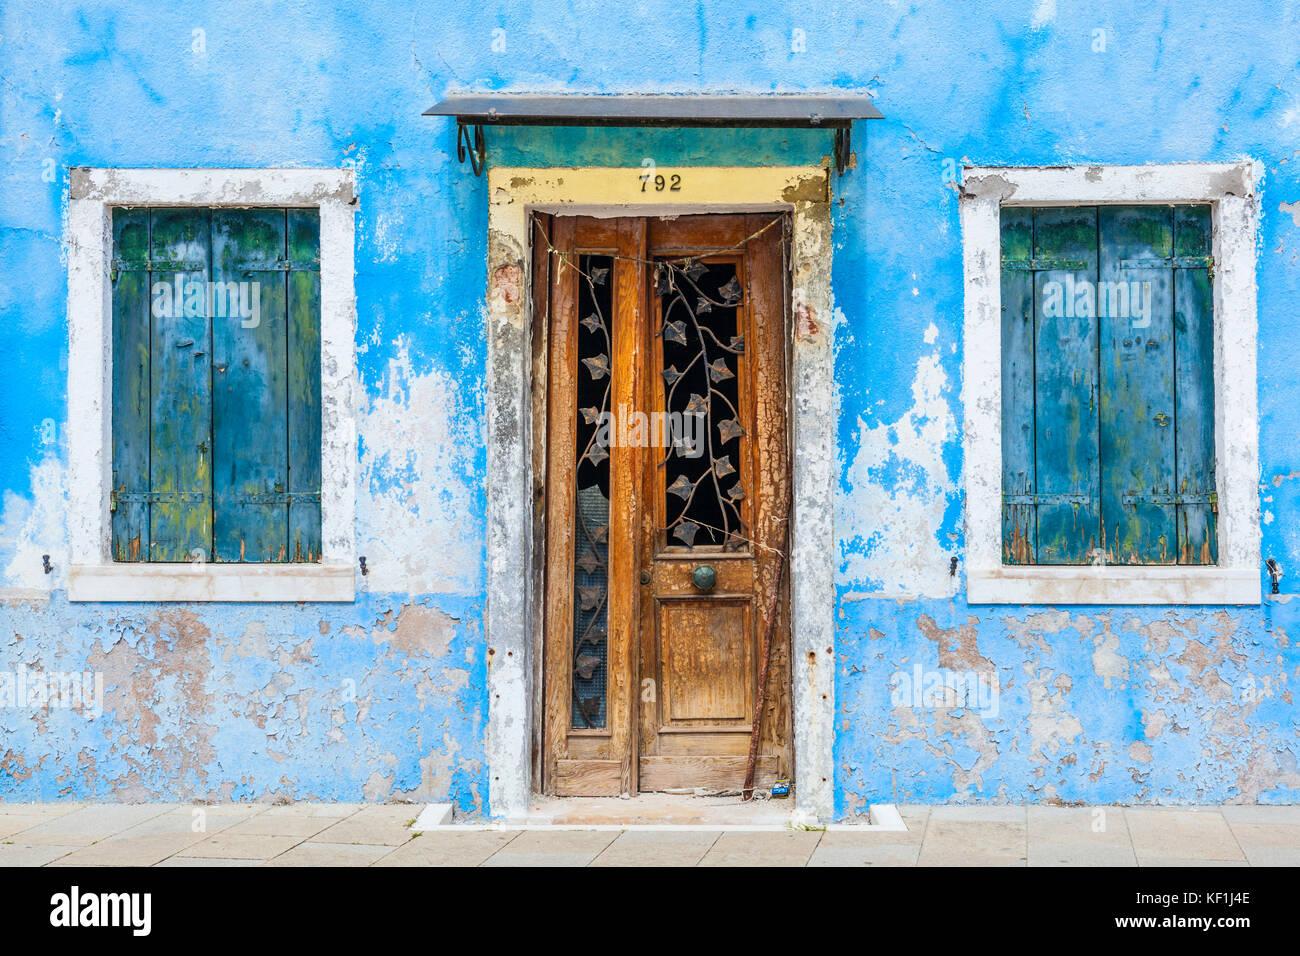 Venise ITALIE VENISE Fishermans house maison peinte bleu défraîchie avec porte en bois et des volets bleus Photo Stock